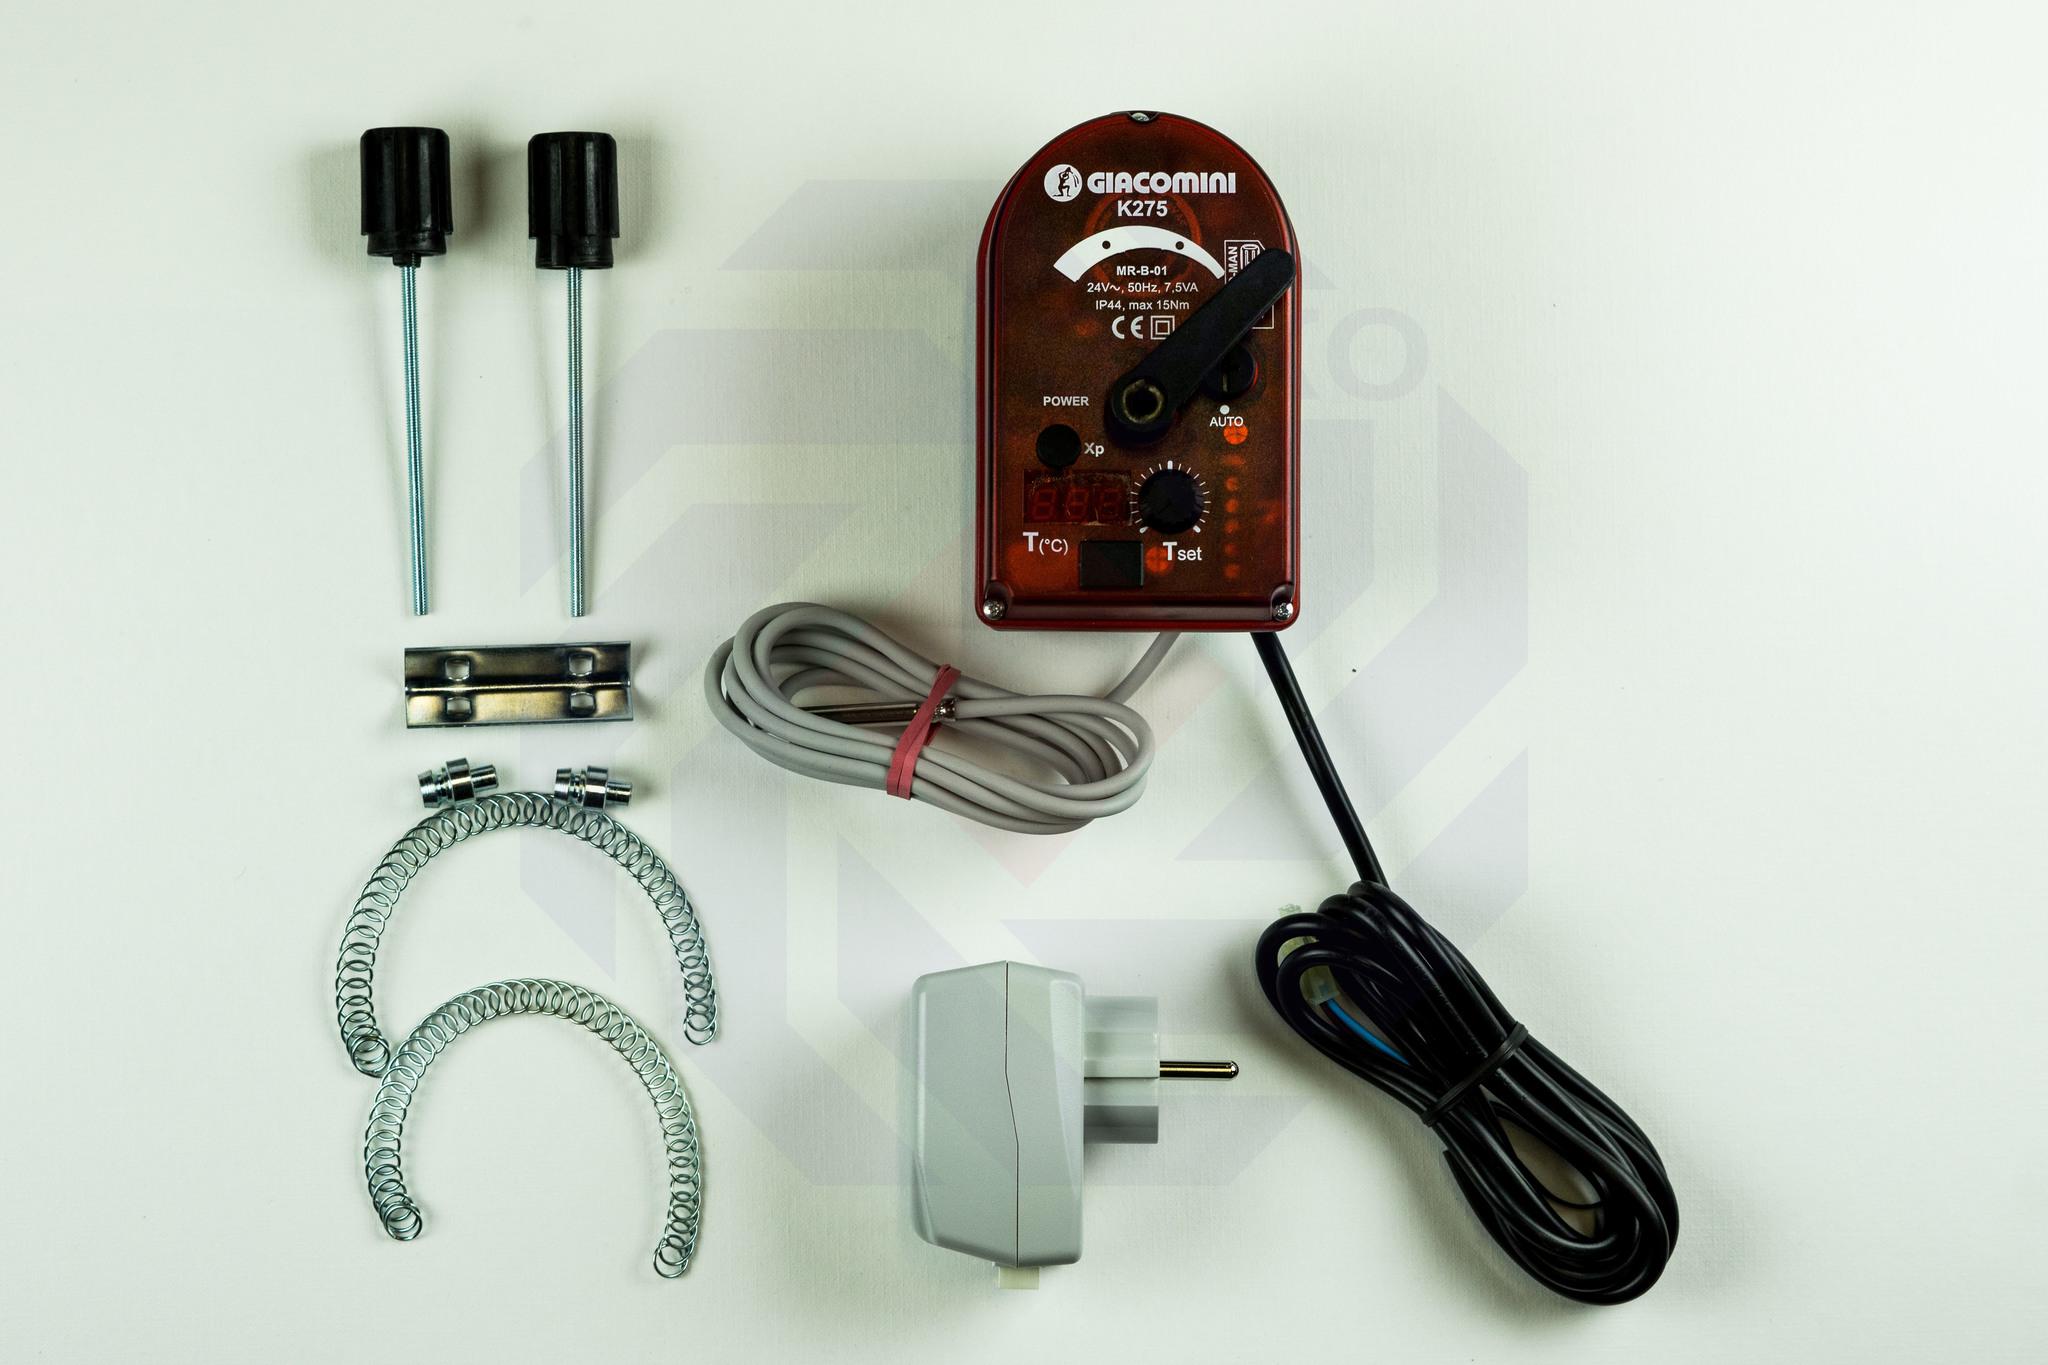 Электропривод поворотный со встроенным терморегулированием GIACOMINI K275